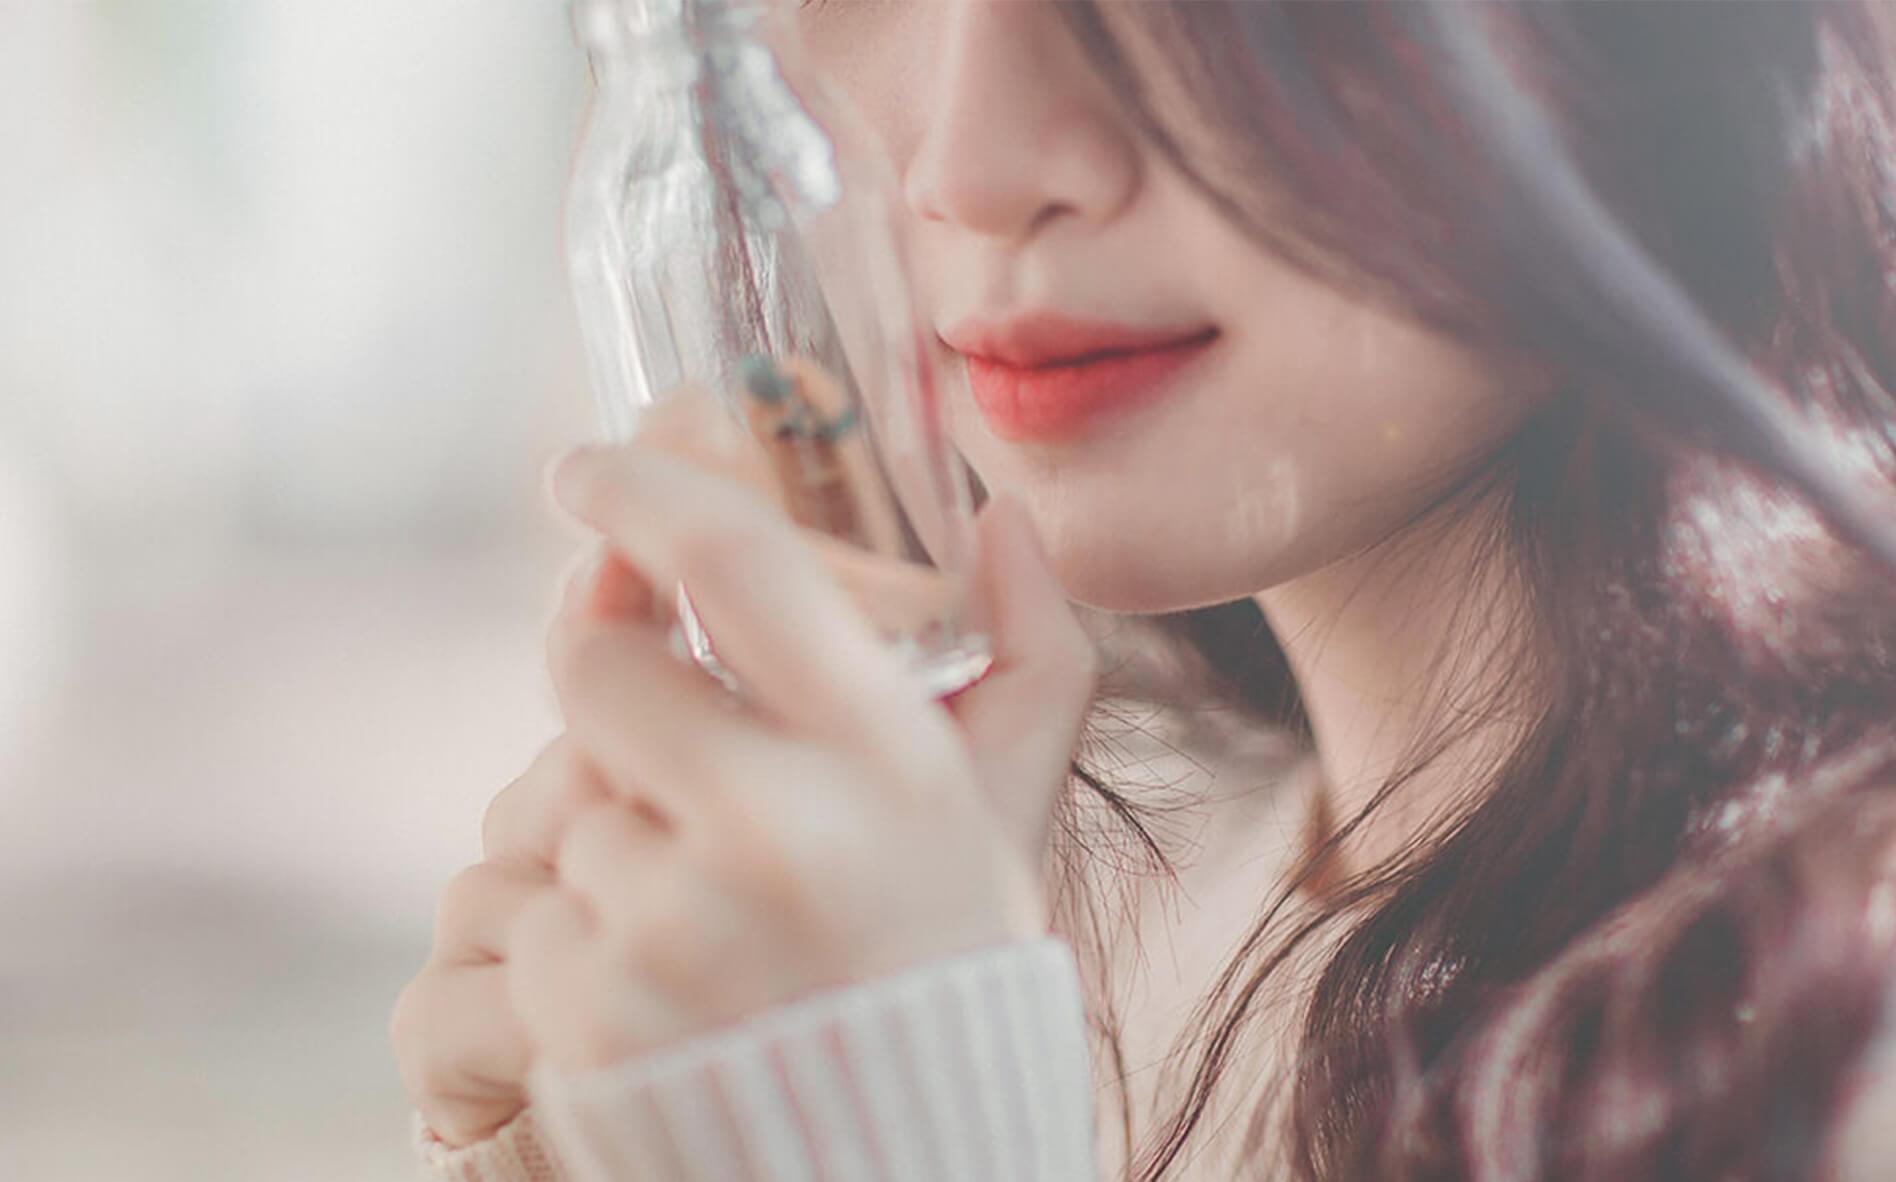 毛穴に効く化粧水はコレ!ランキング上位のプチプラから人気のデパコスまで おすすめ9選